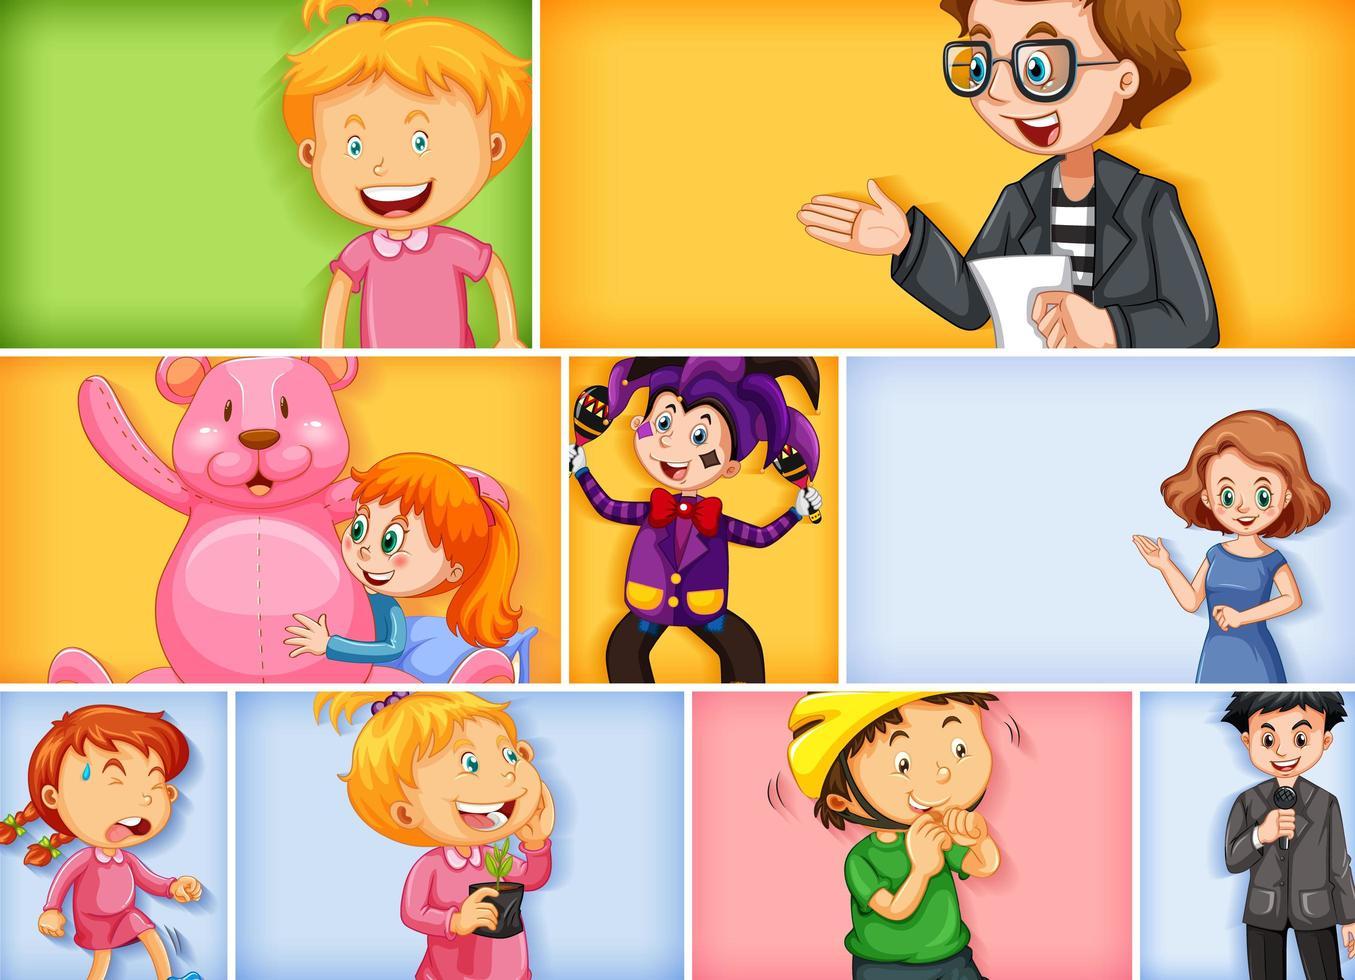 uppsättning av olika ungtecken på olika färgbakgrund vektor